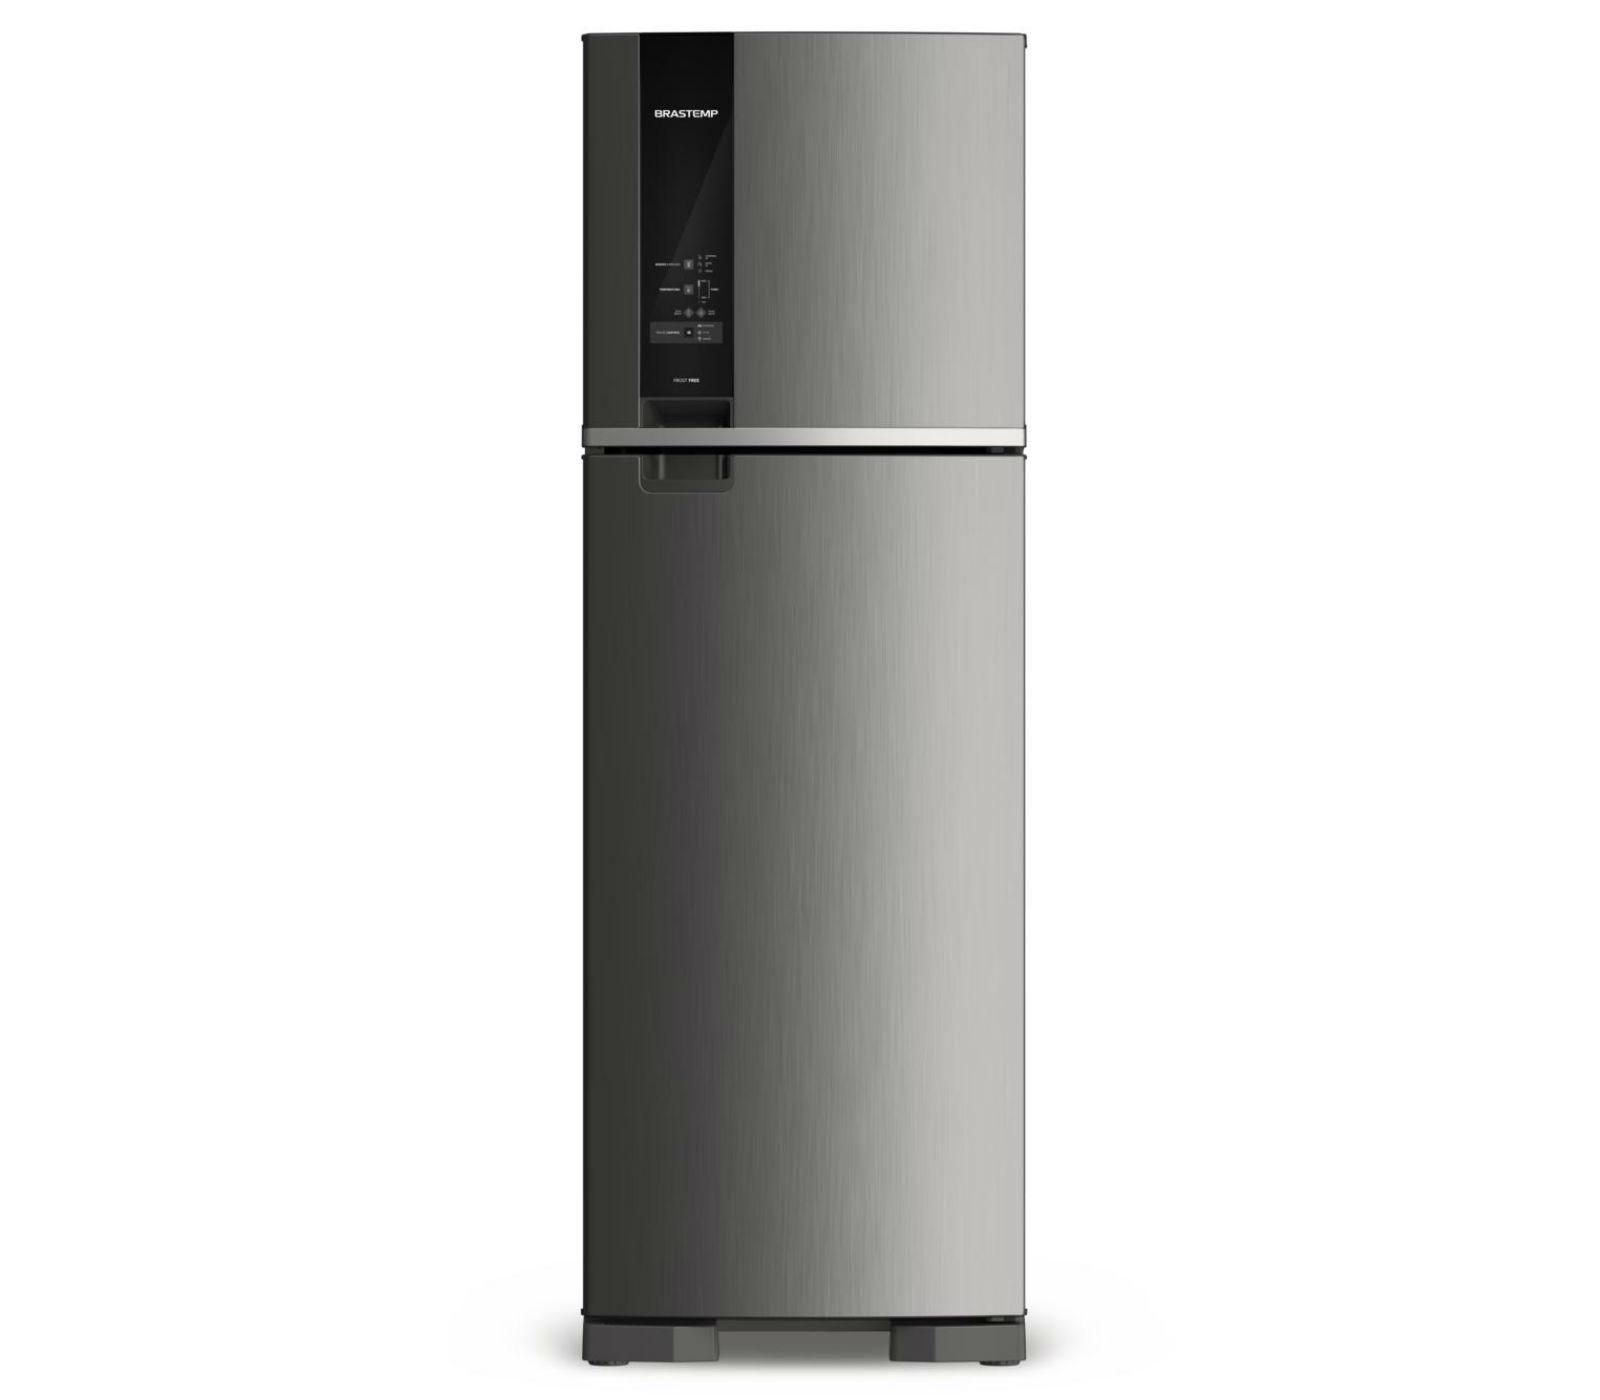 GeladeiraRefrigerador Brastemp Frost Free Duplex 400L Prata 220V - Painel Touch BRM54HKBNA